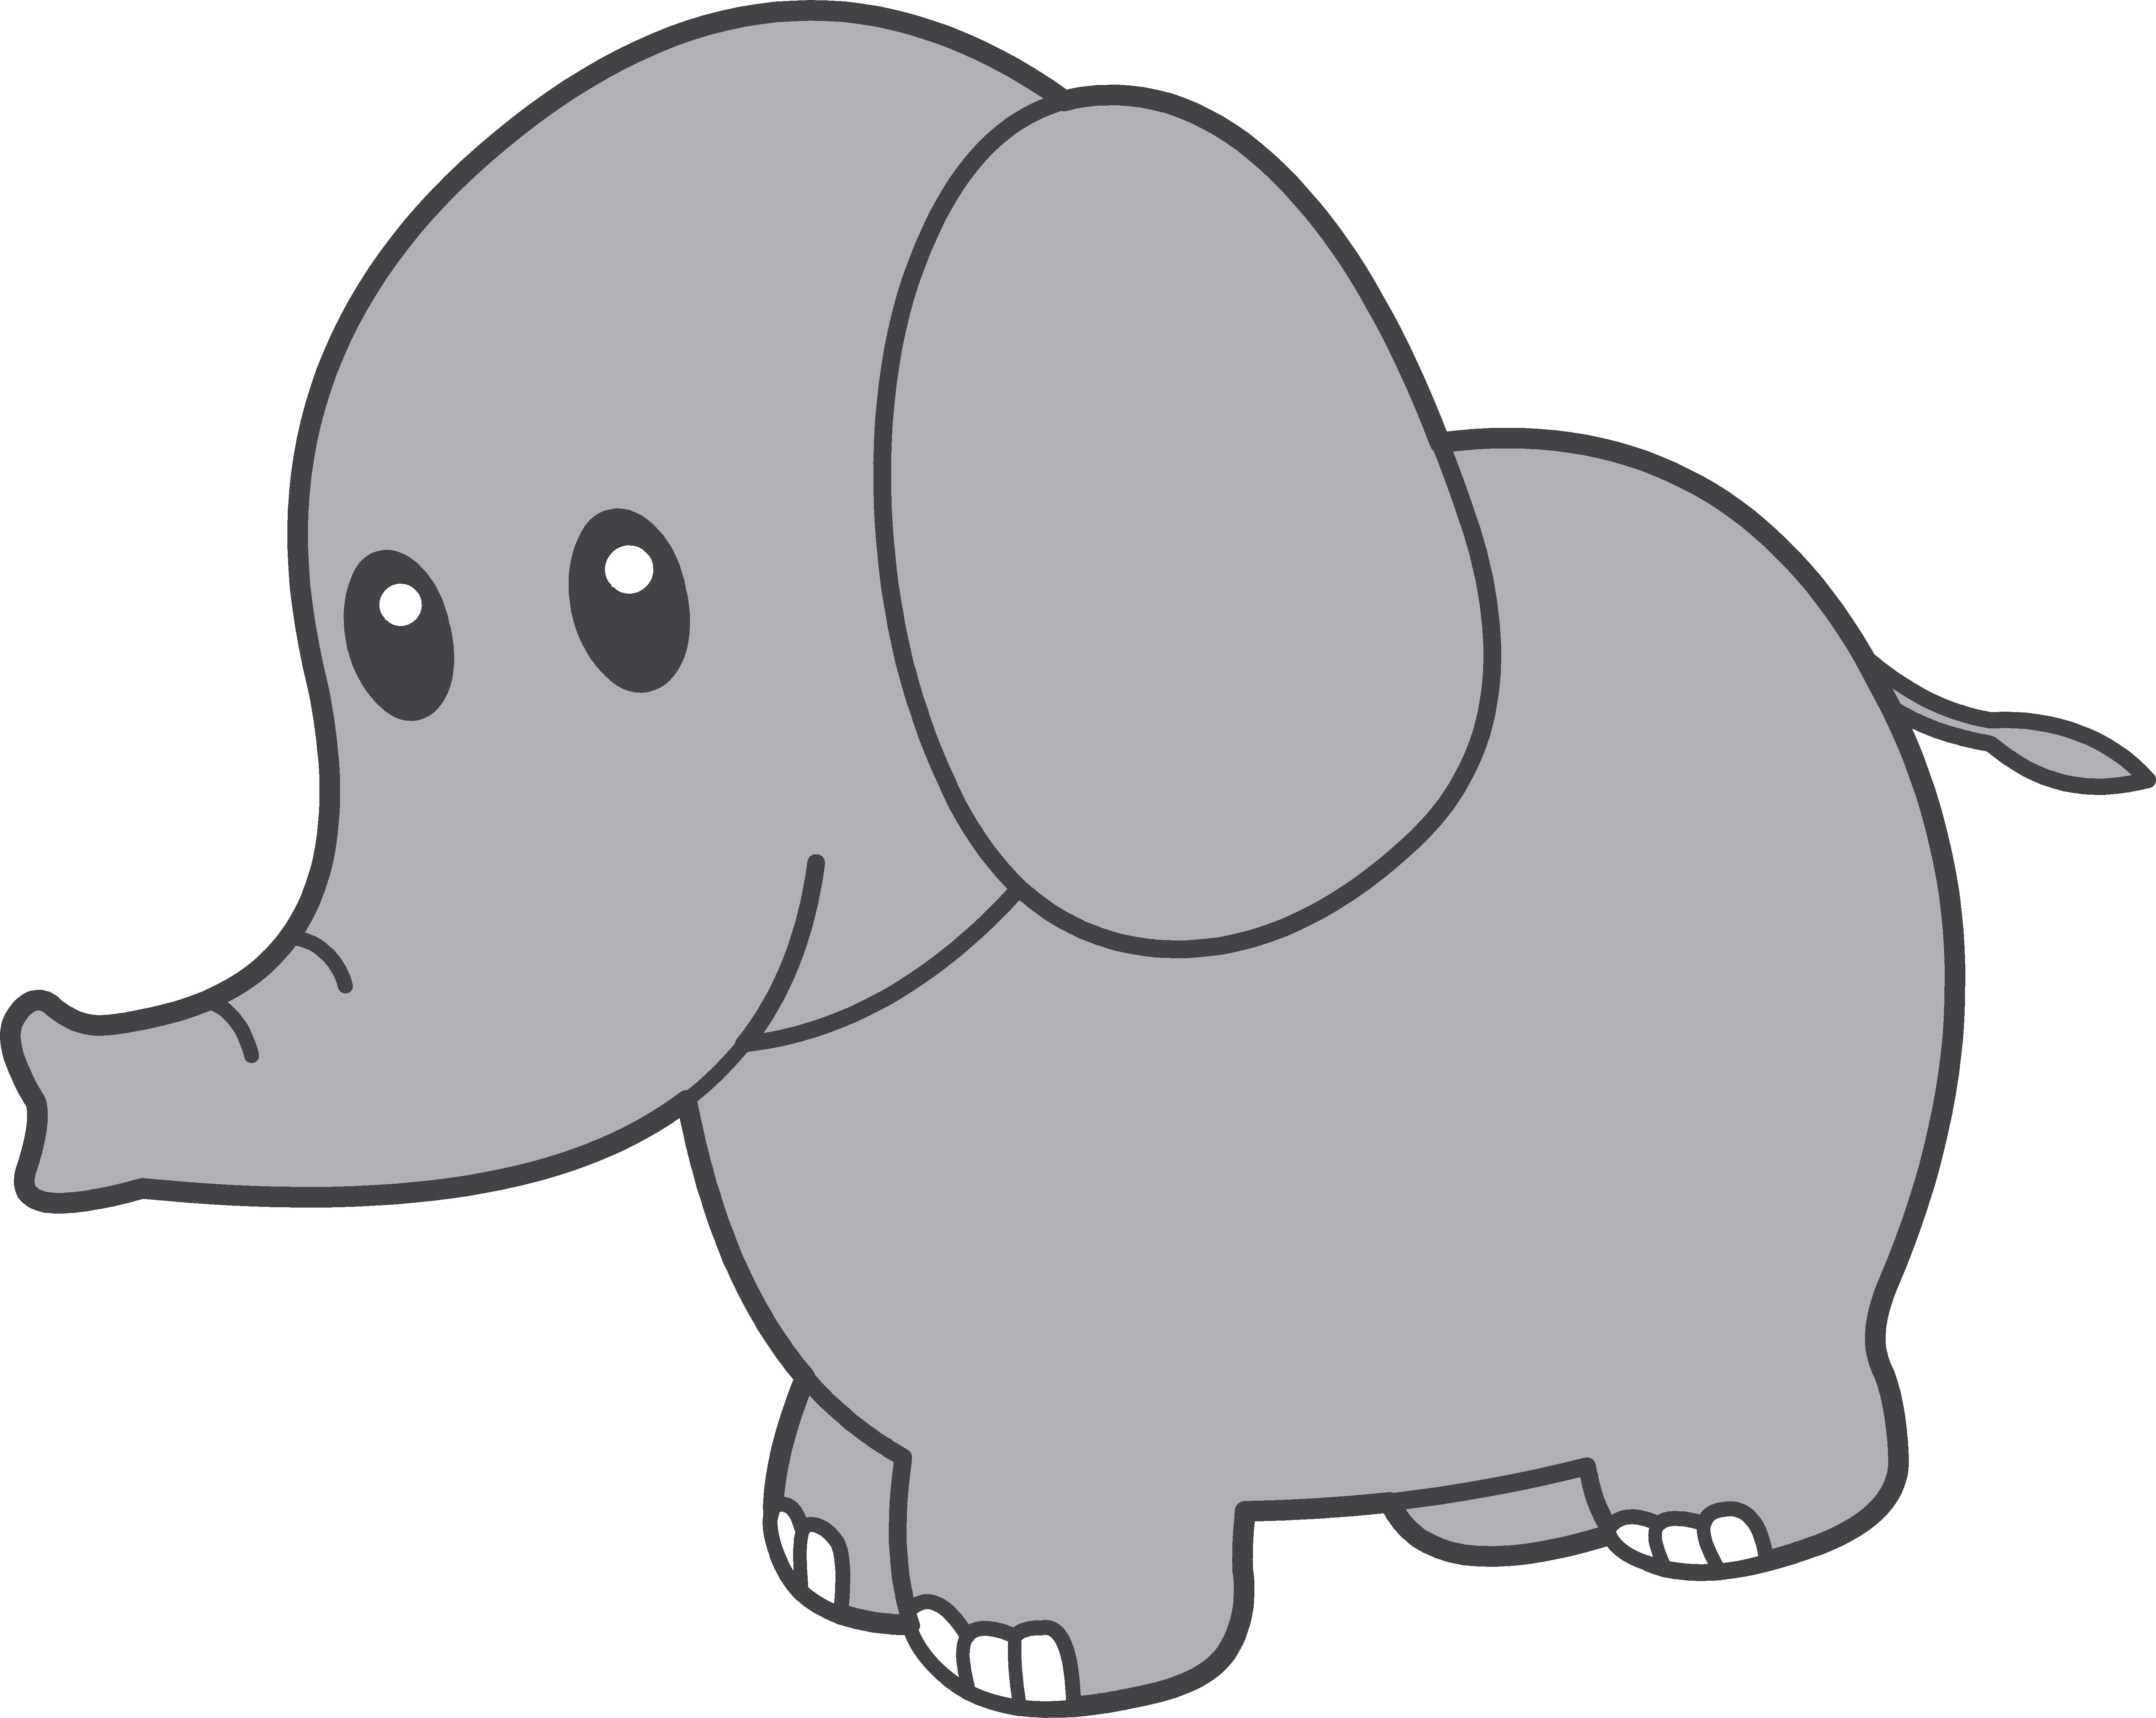 Grey Baby Elephant Clipart - Elephants Clip Art